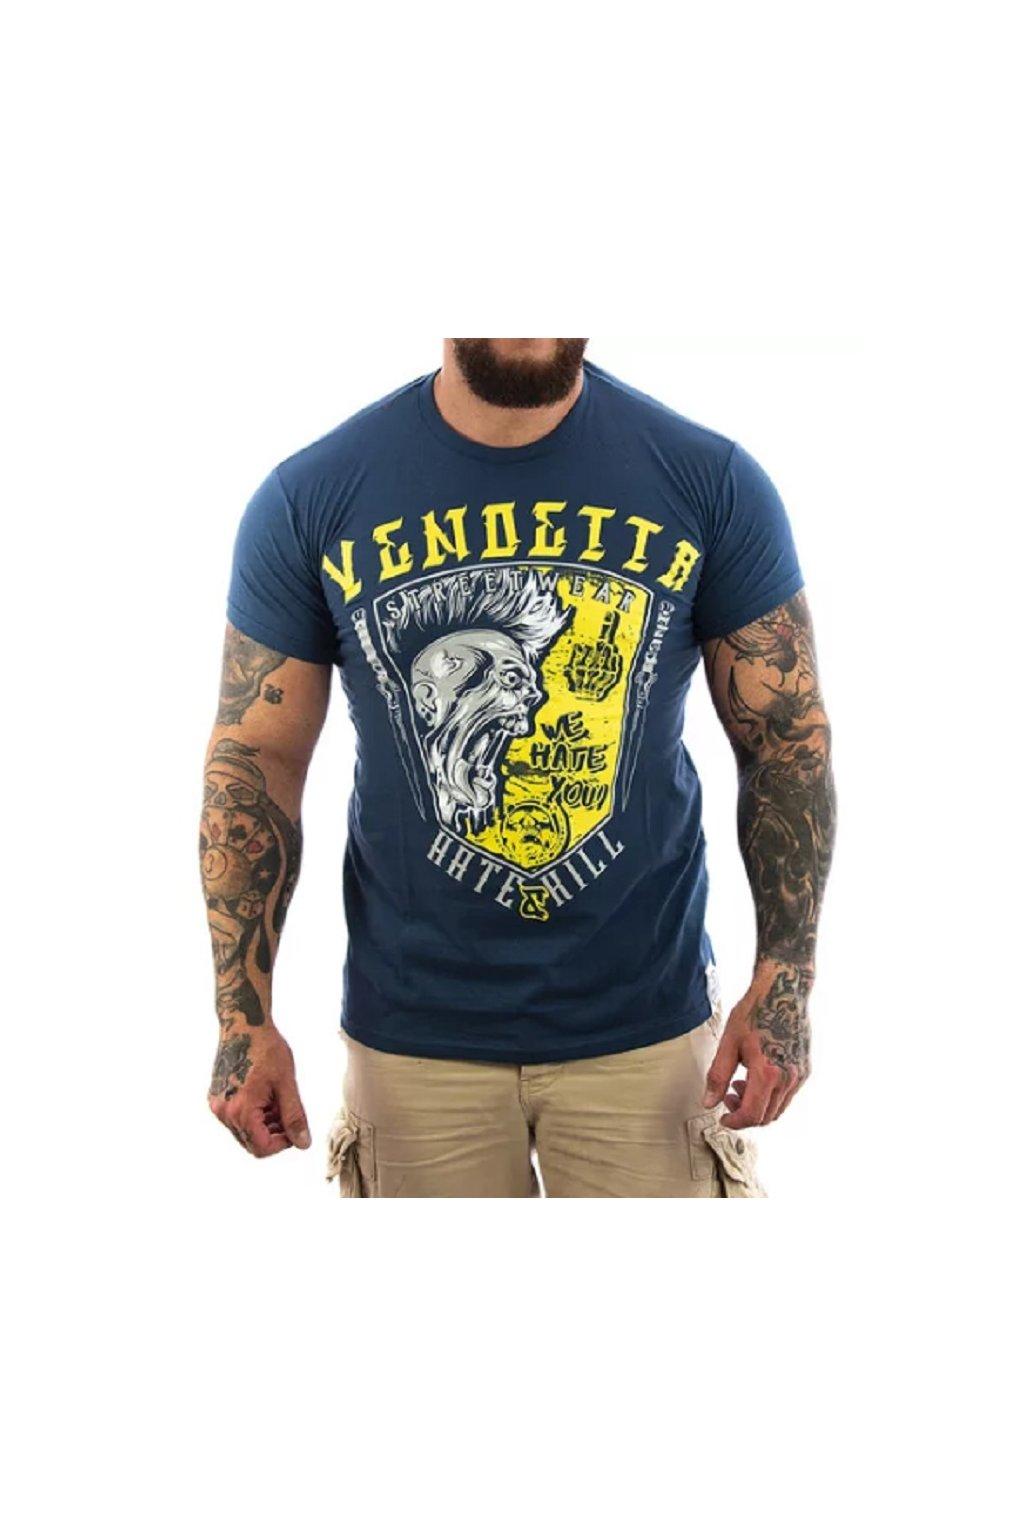 Pánské Tričko Vendetta Inc. Hate & Kill VD-1105 modrá obr1